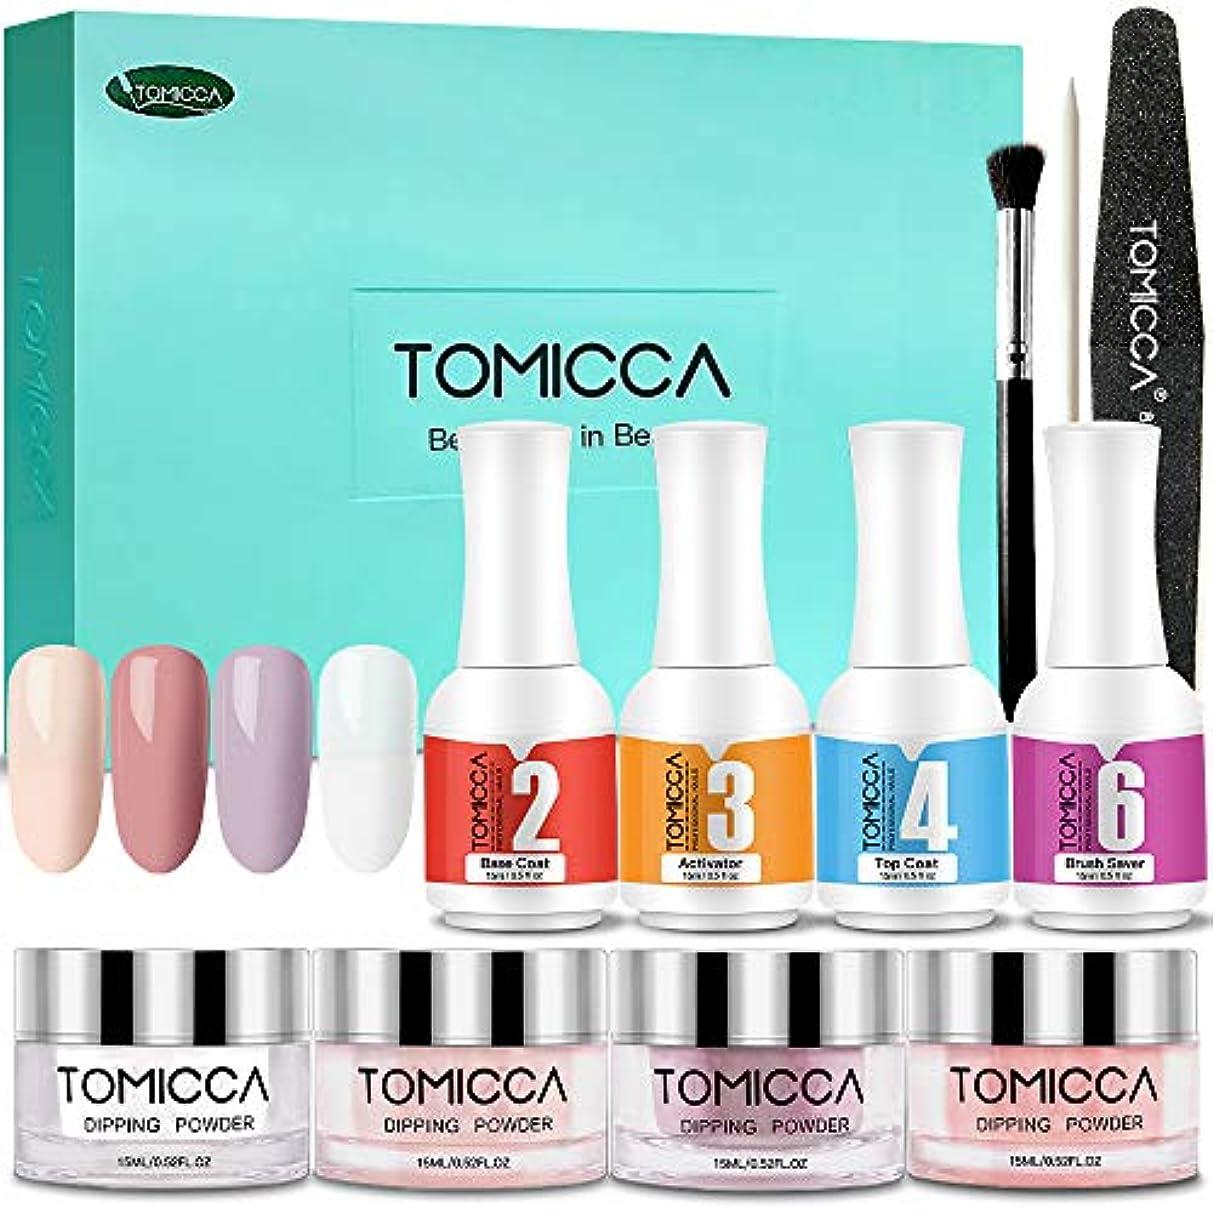 独創的素晴らしい良い多くの家事TOMICCA パウダーマニキュア ネイルパウダー 4色セット 15g UV*LED ライト不要 初心者適用 色付け簡単 人気 アメリカ流行 (ピンク)